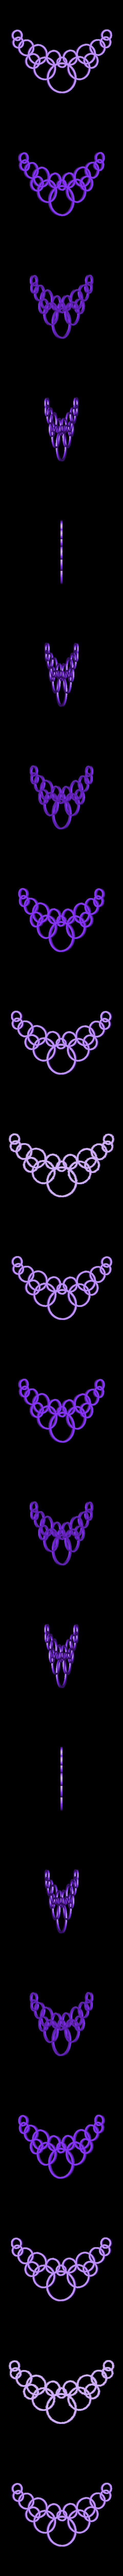 Neclace.stl Télécharger fichier STL gratuit Ensemble de bijoux à bulles • Objet à imprimer en 3D, LordTailor